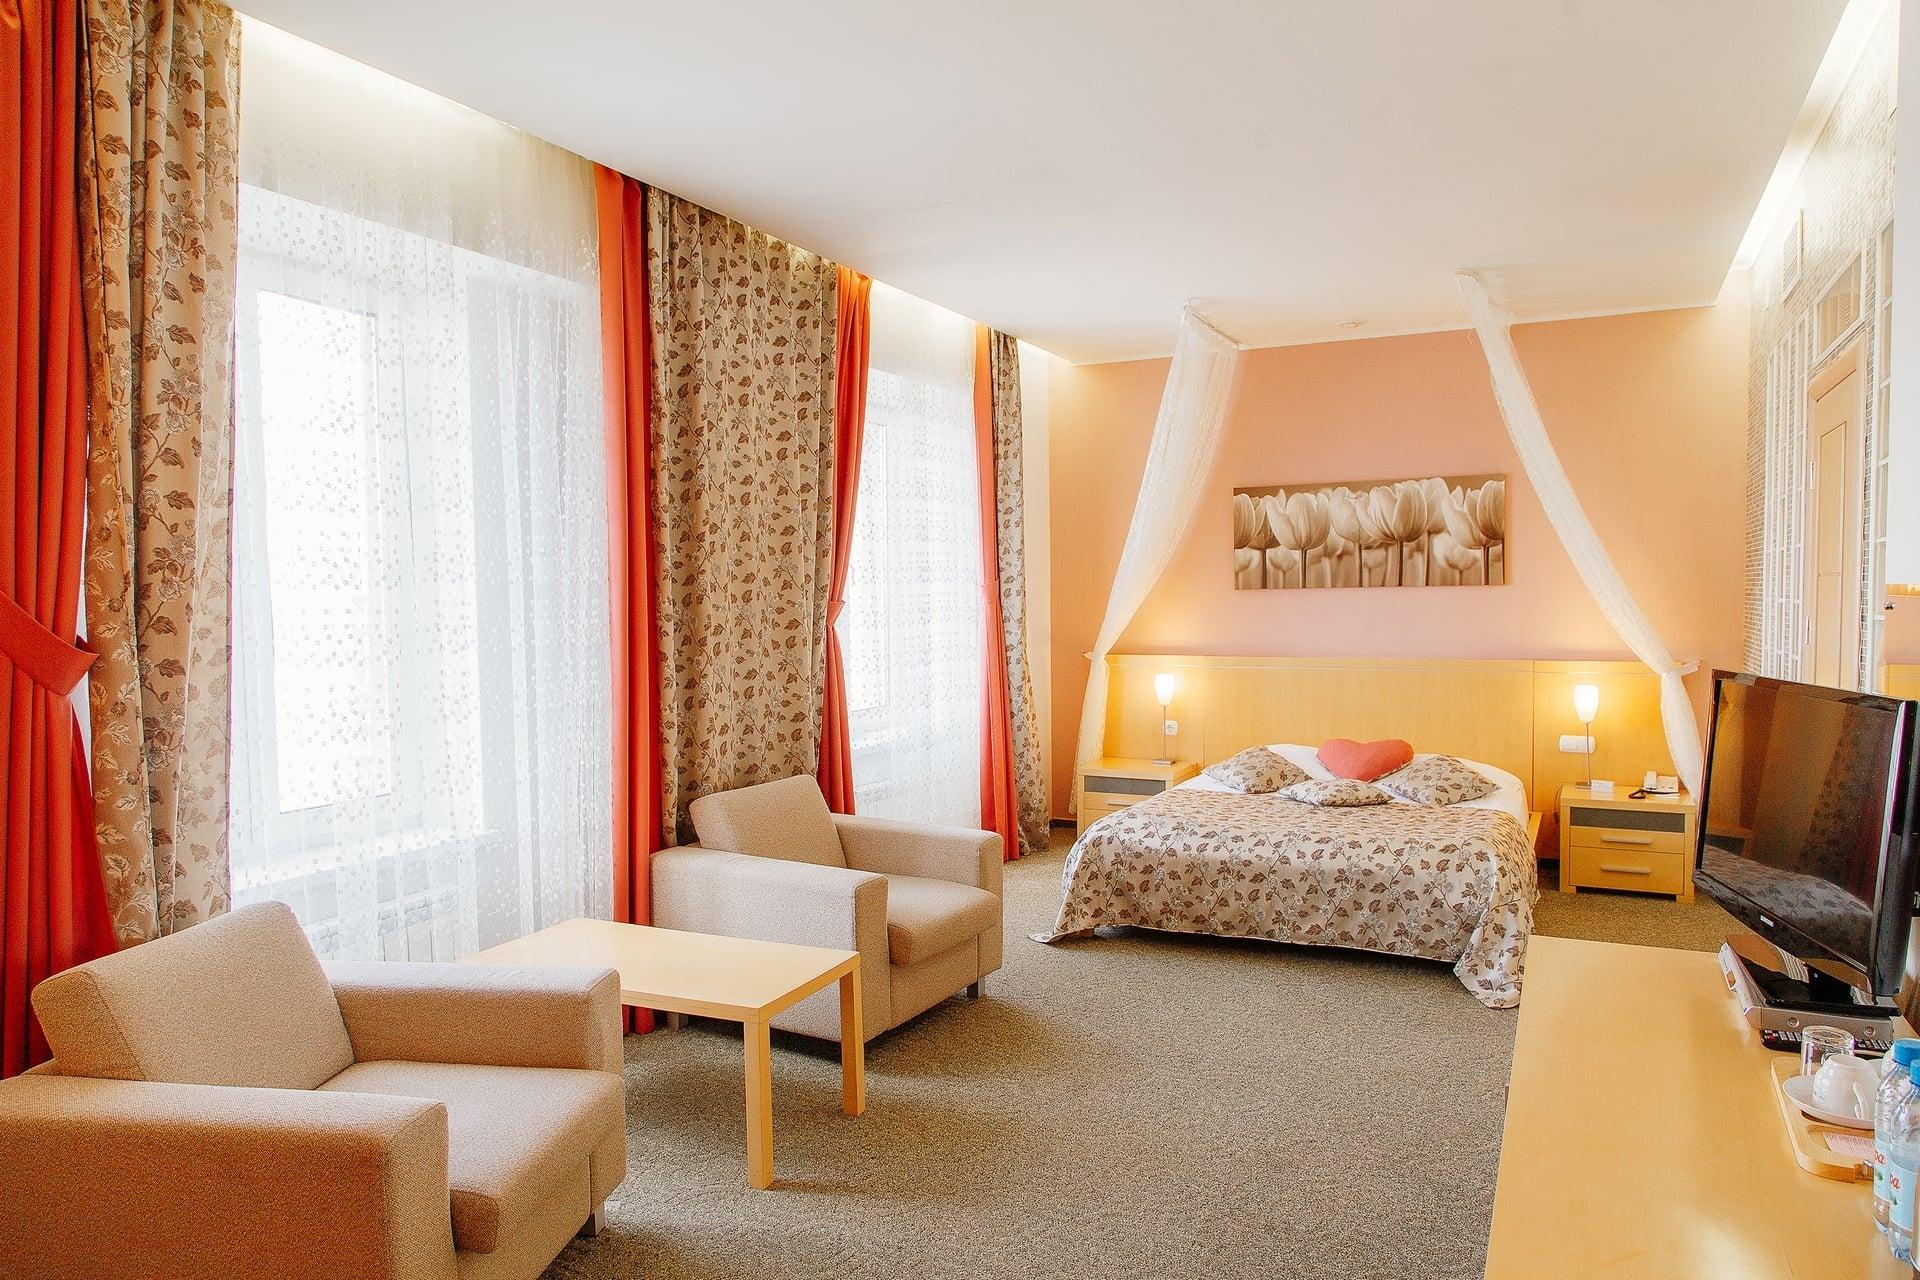 Hotel-ViZaVi Отель в центре Москвы